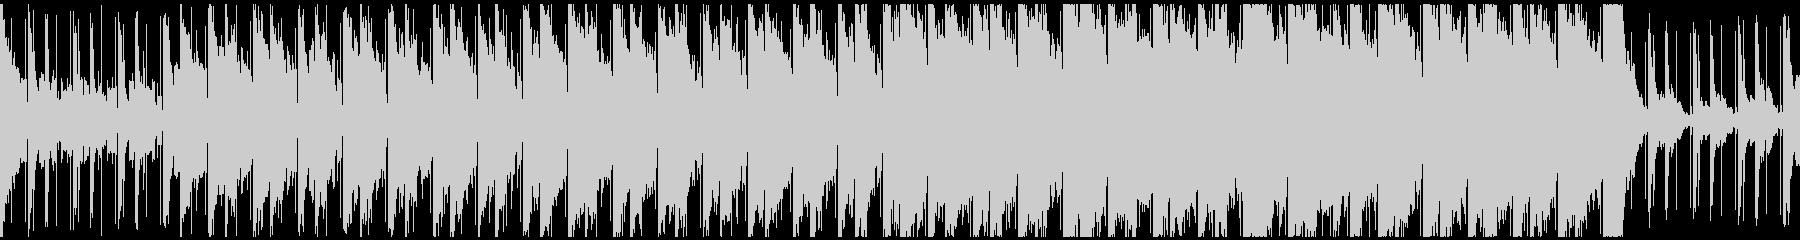 【ループ対応】幻想的で切ないEDMの未再生の波形